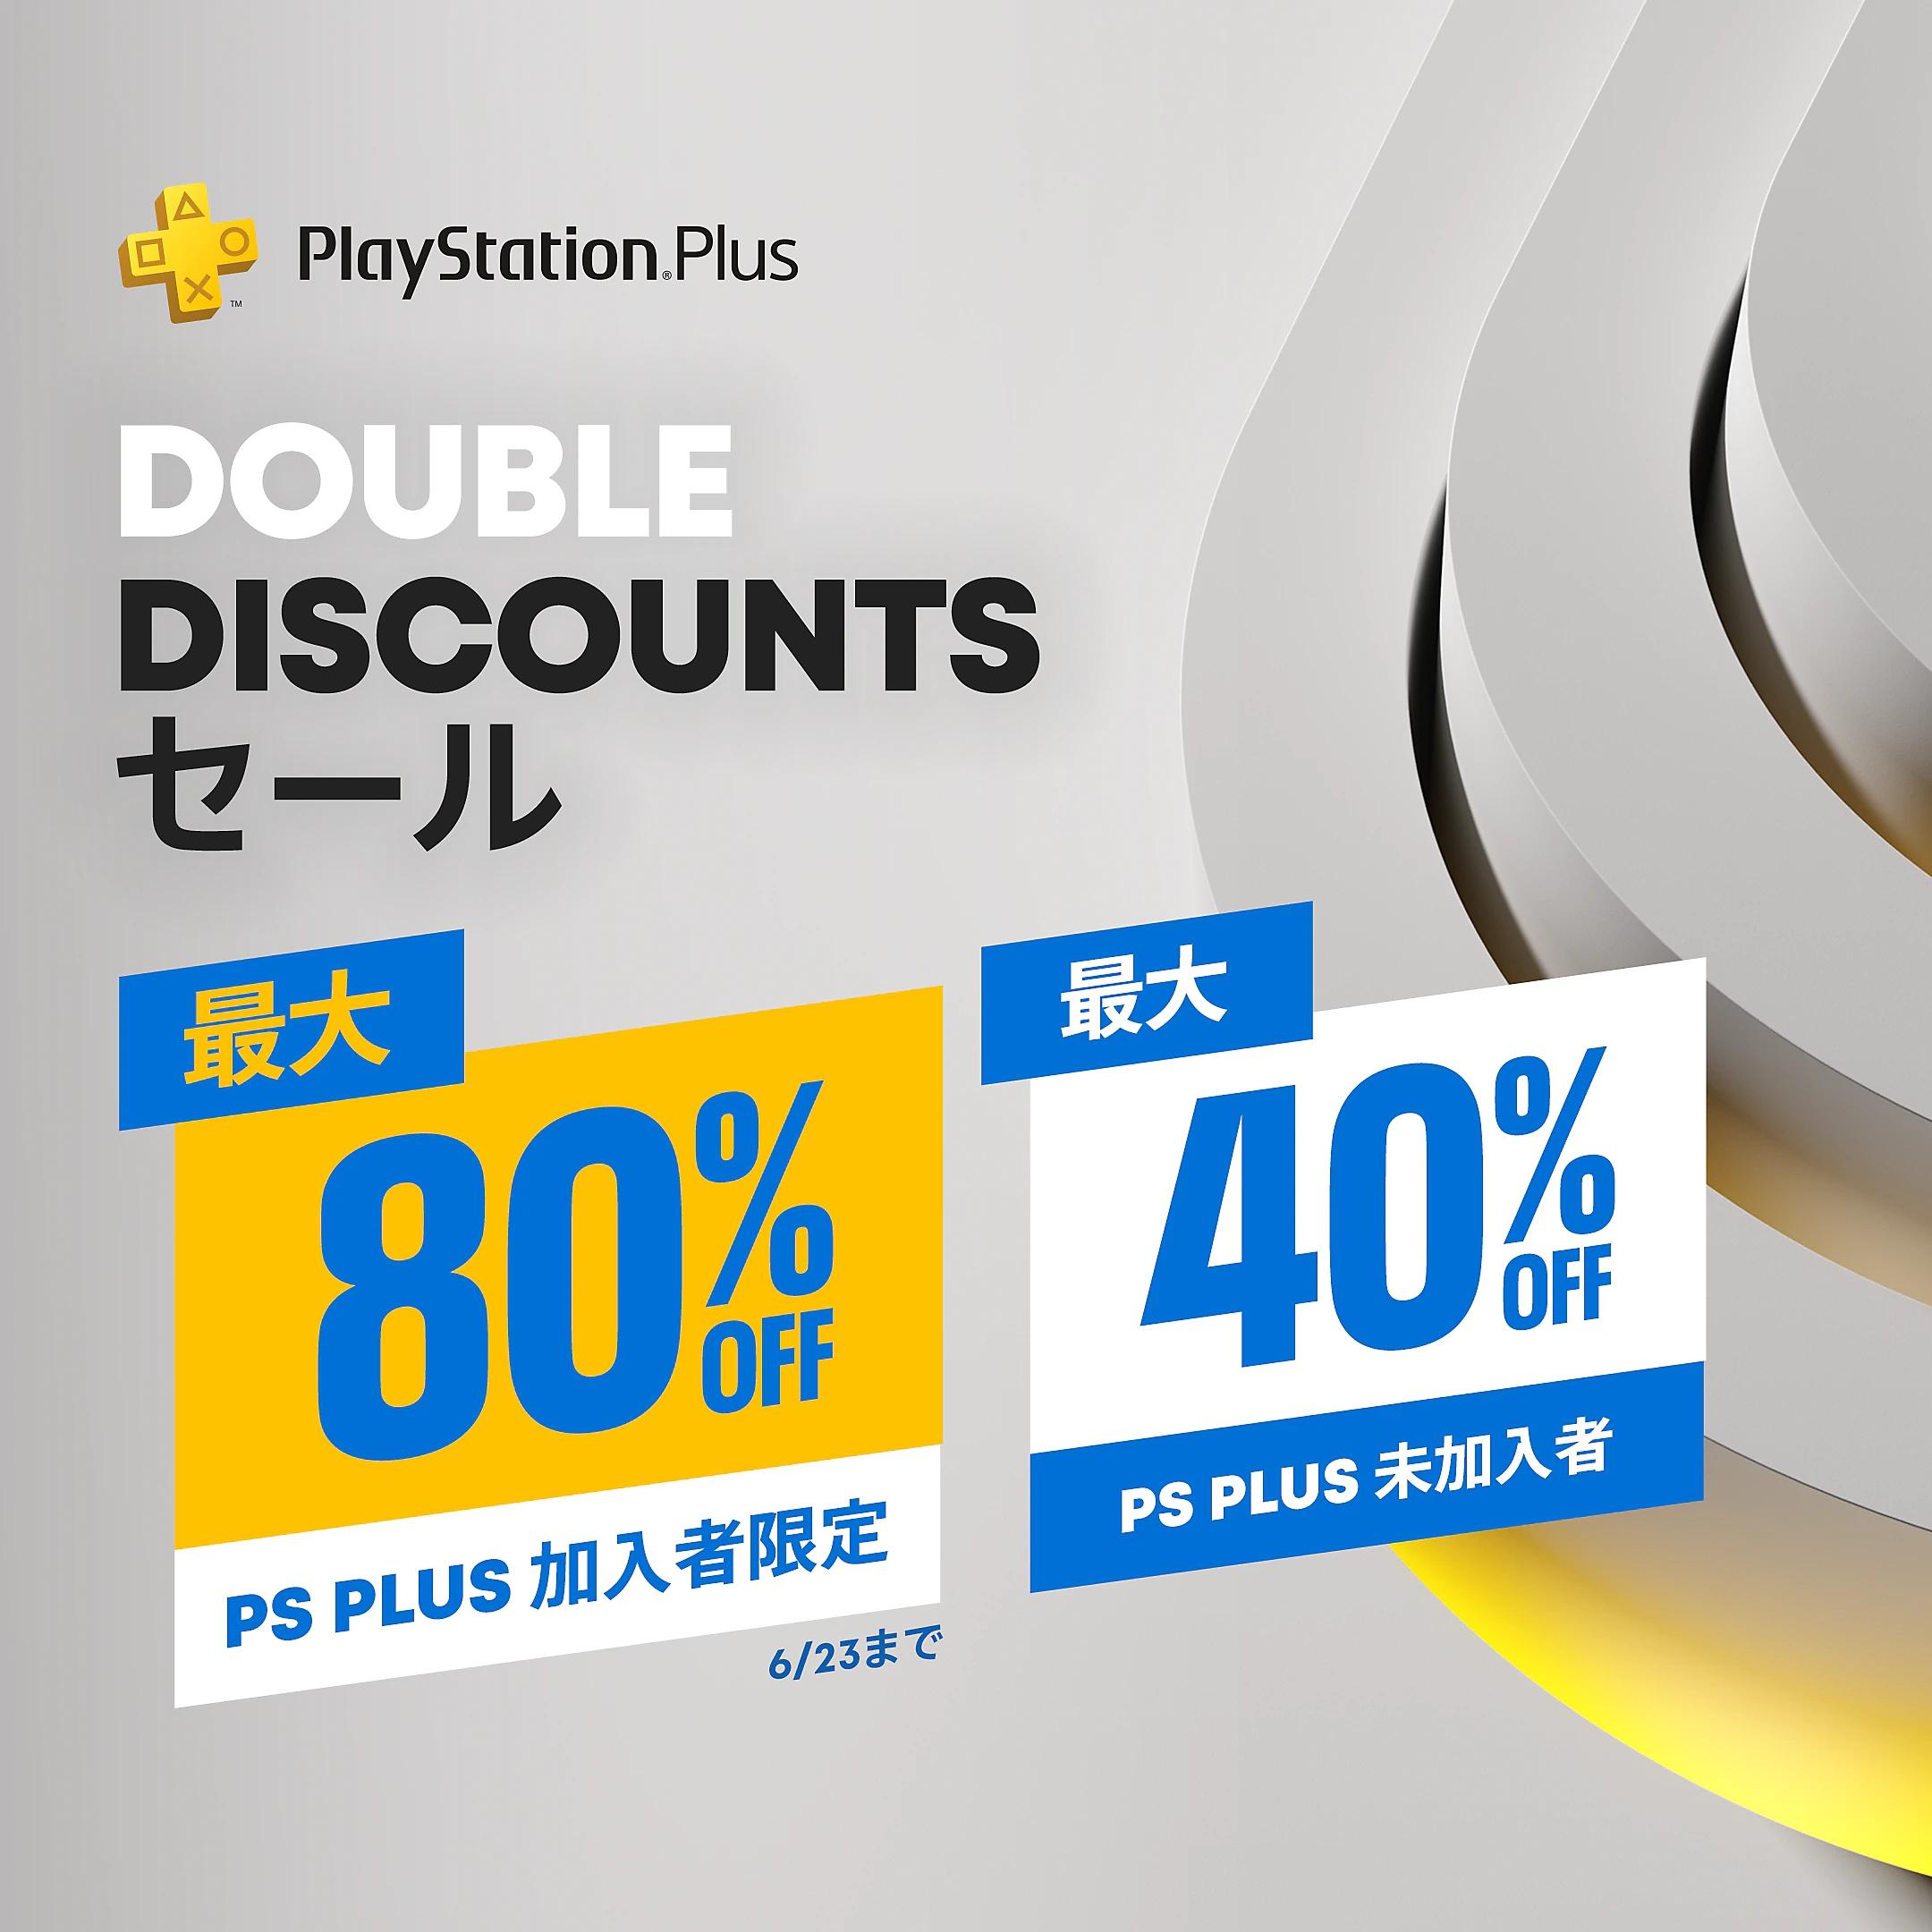 Double Discounts Sale